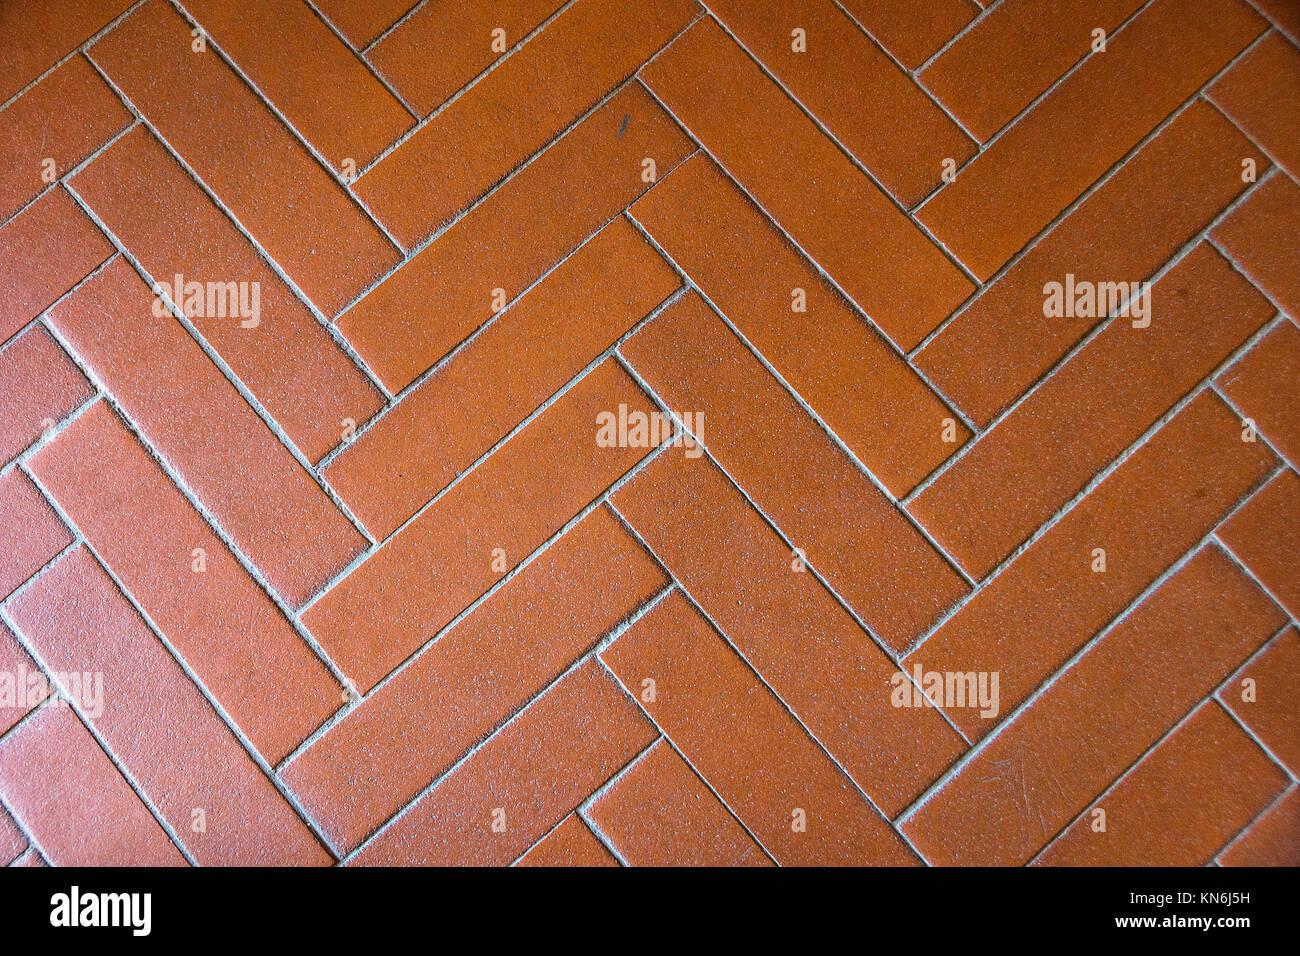 Dettaglio di un antico pavimento con piastrelle in terracotta per la